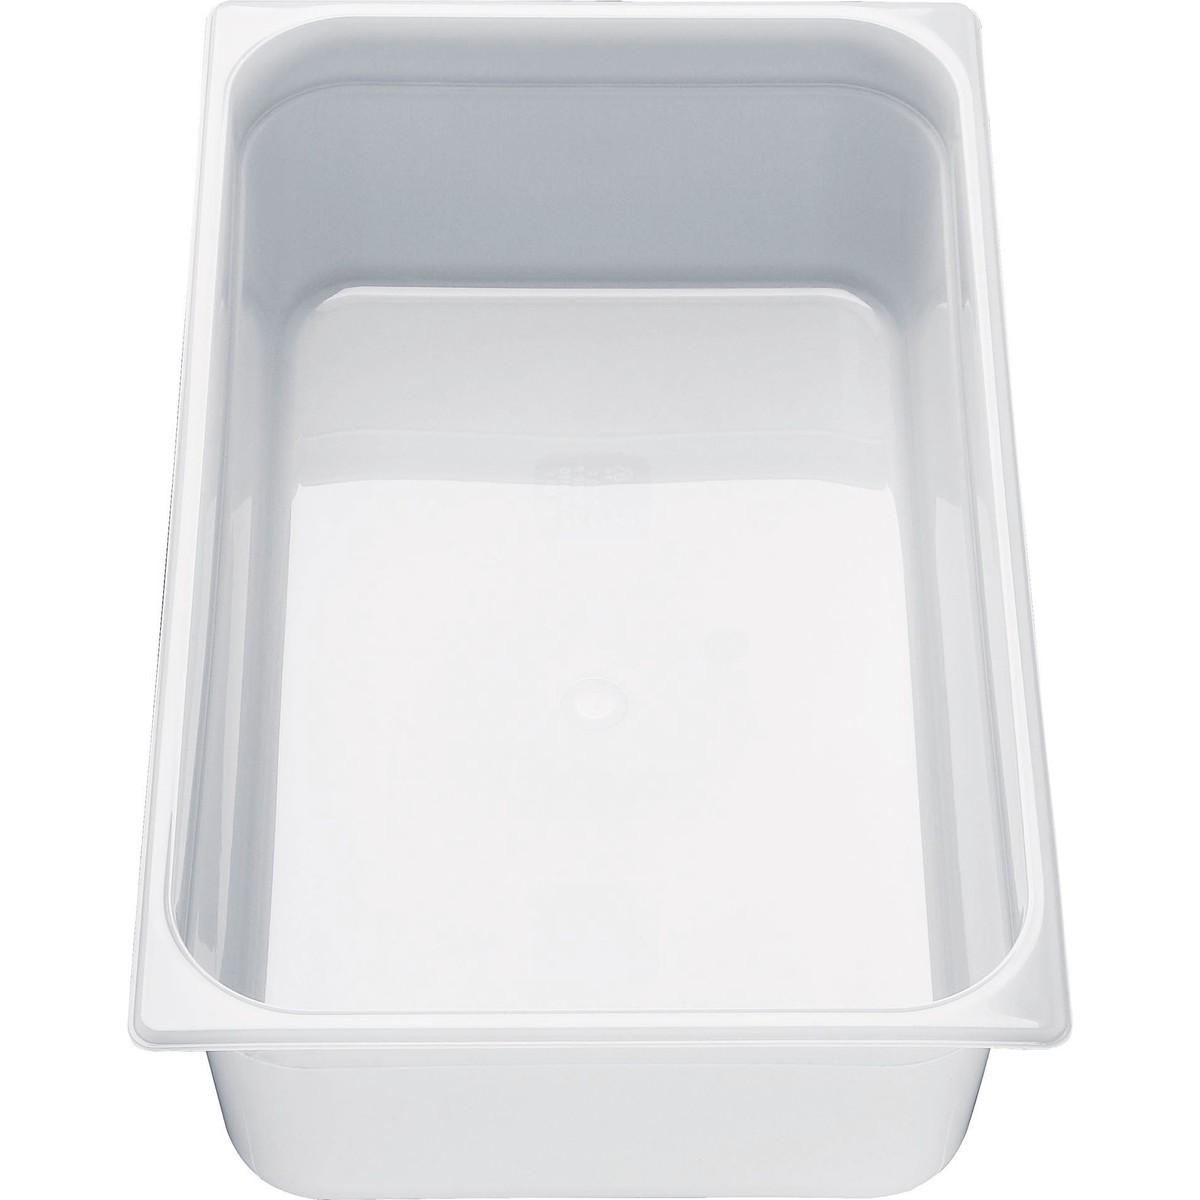 GN-Behälter 1/1 Polypropylen 65mm